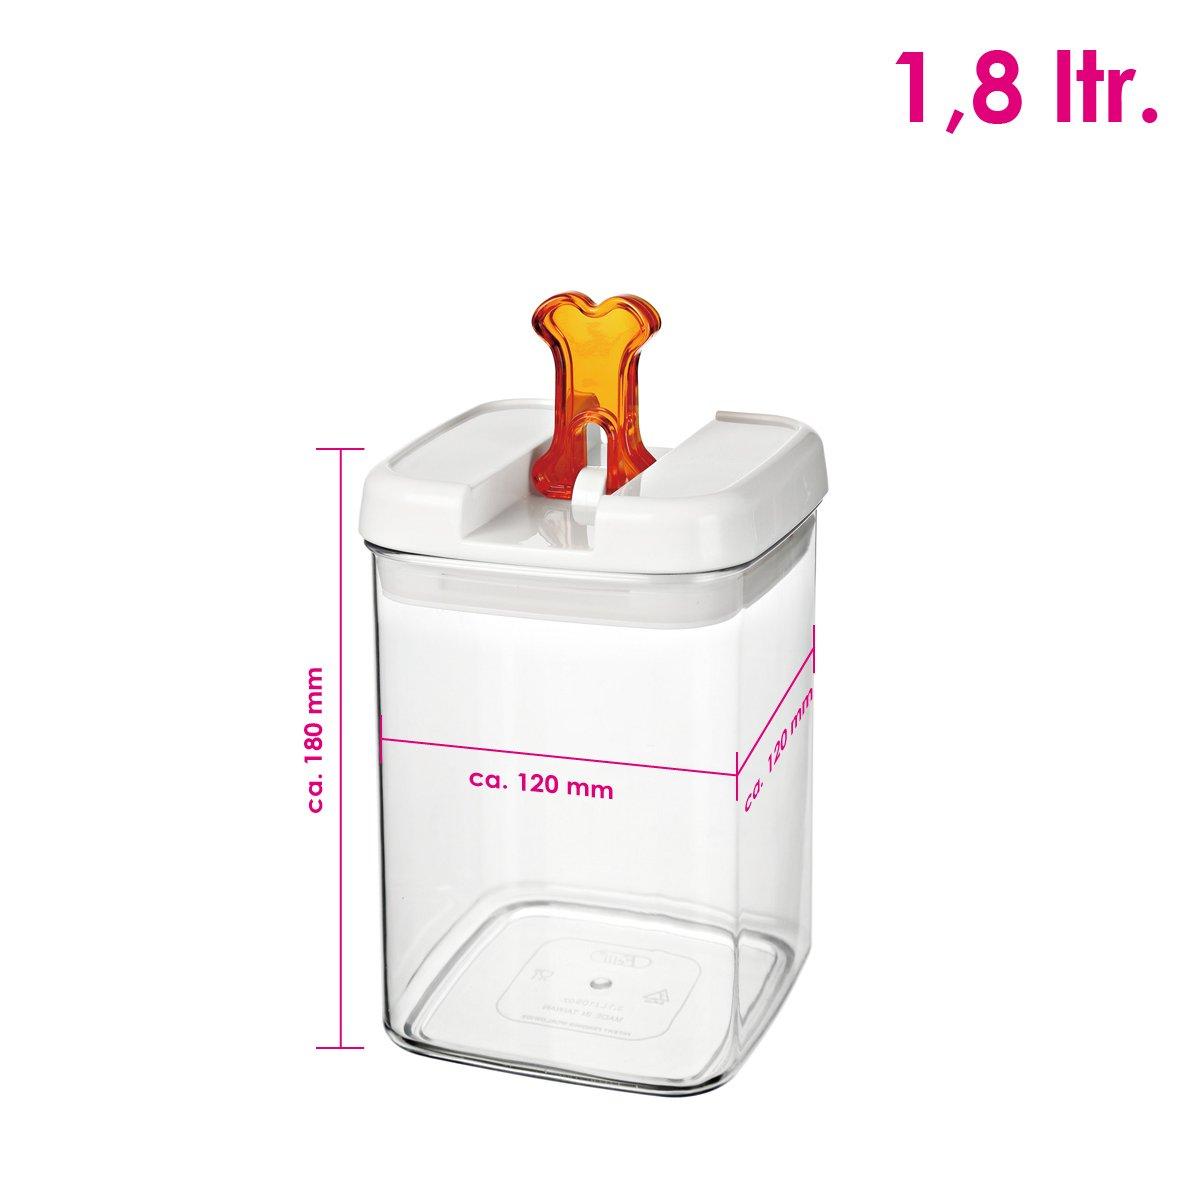 bremermann® Dispensador de pienso con tapa para olores y decoración de hueso (1,8 litros, naranja, disponible en más tamaños): Amazon.es: Hogar